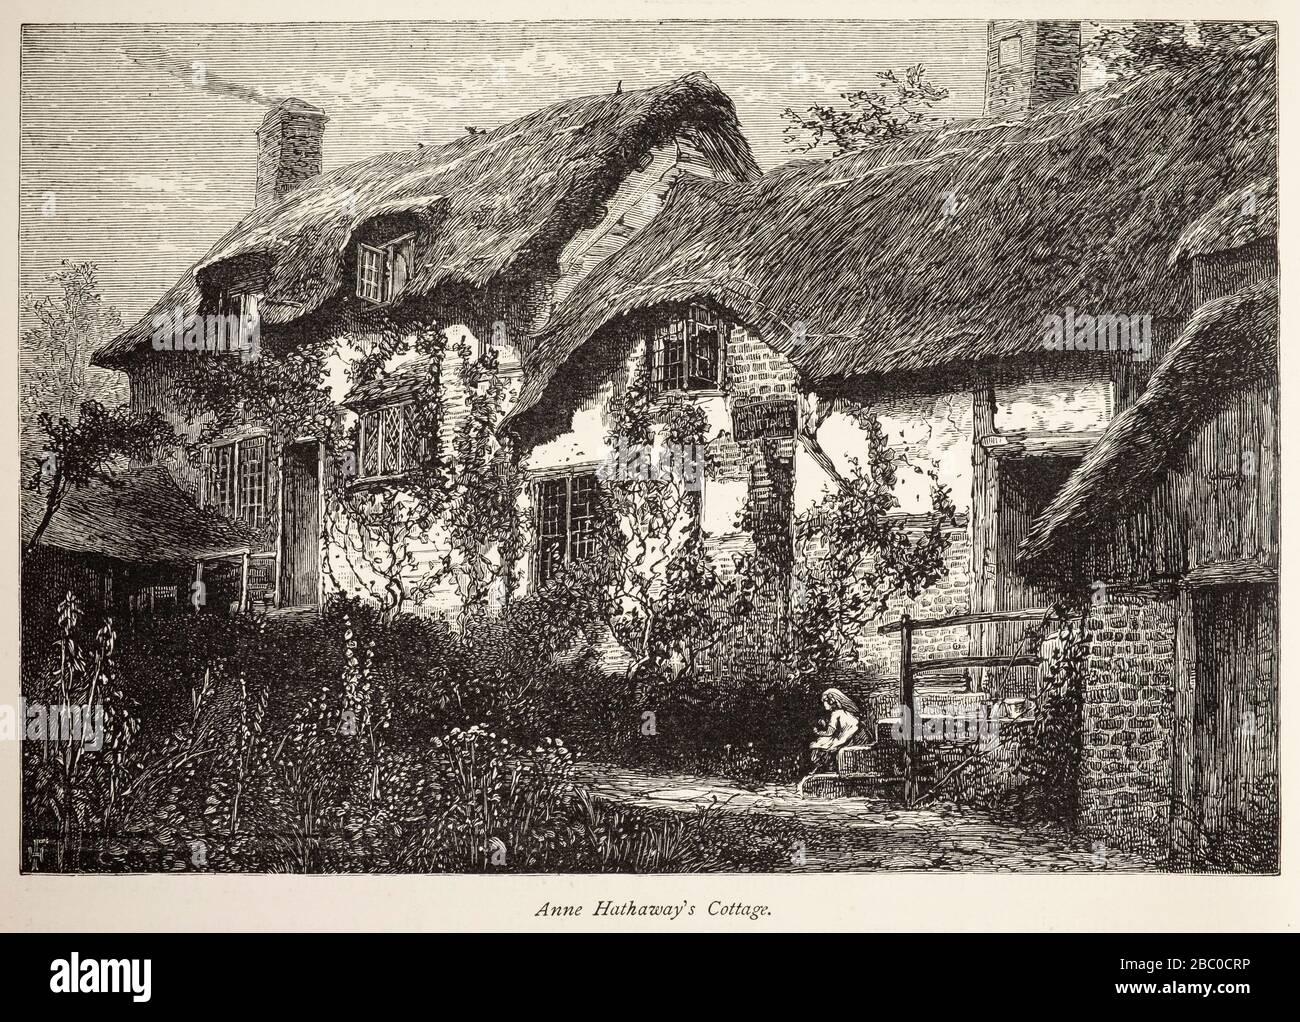 Antike Gravur des Anne Hathaway's Cottage in Sottery in der Nähe von Stratford-upon-Avon, Warwickshire, Großbritannien Stockfoto